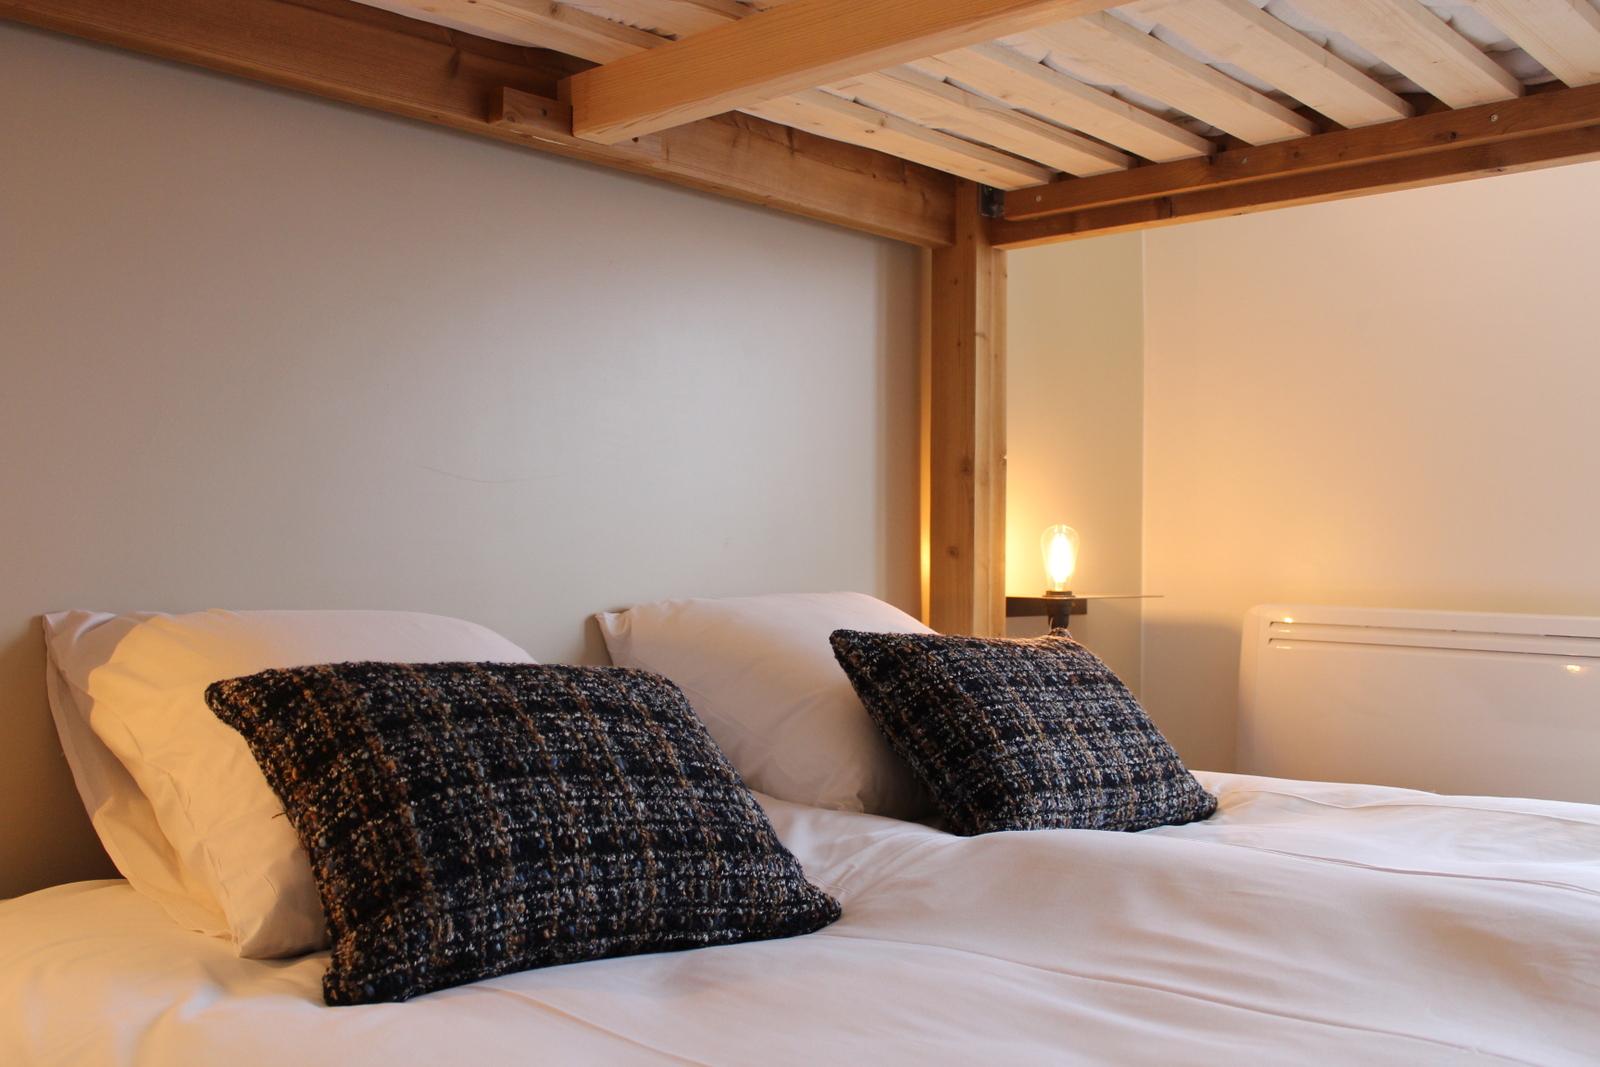 dortoir 4 lits superposés confort salle de bain 2alpes